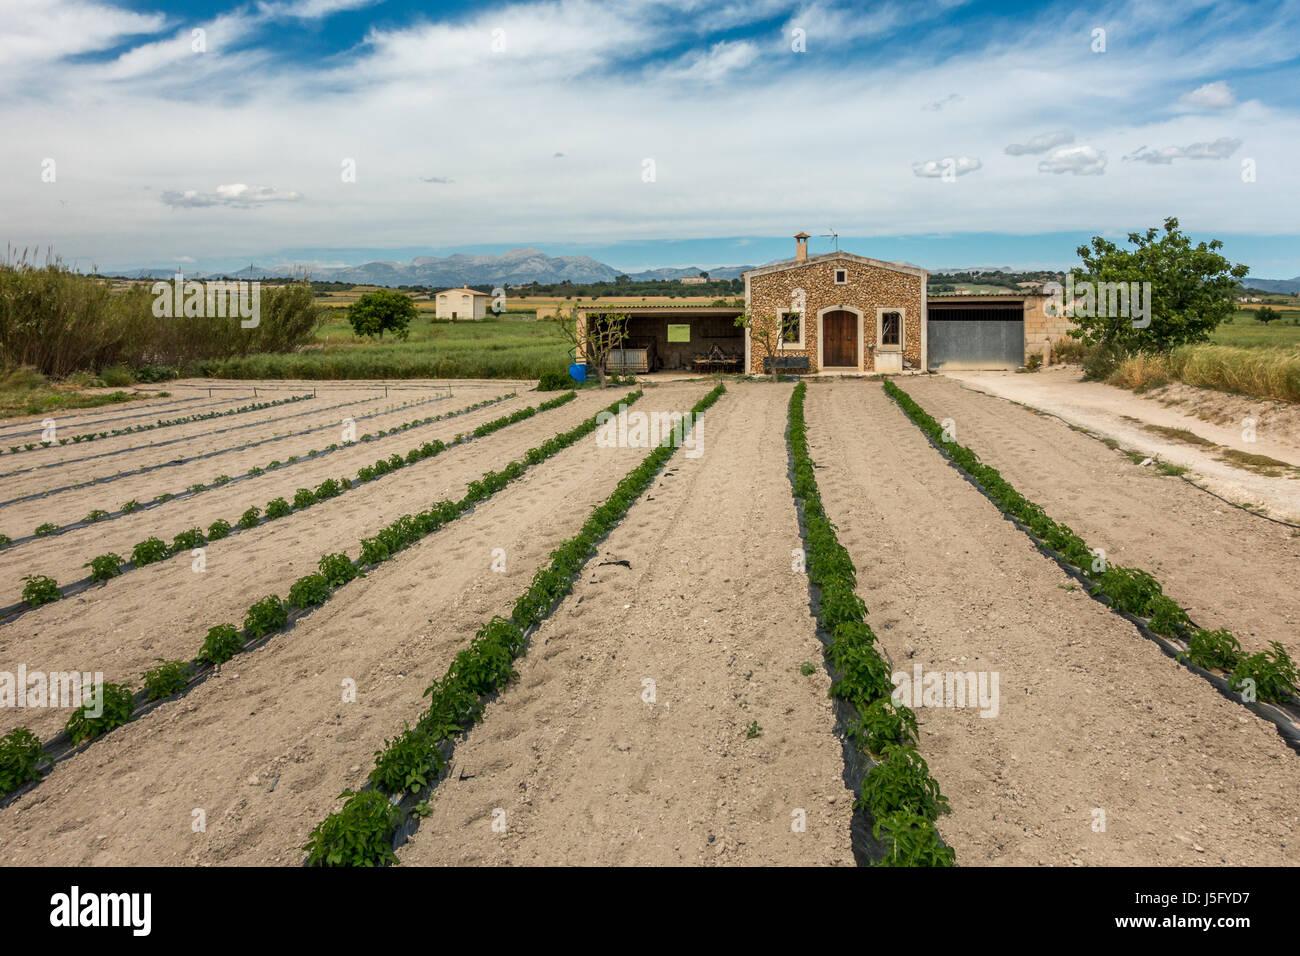 Le coltivazioni in linee in una fattoria nel nord della campagna di Maiorca, Maiorca, isole Baleari, Spagna Immagini Stock